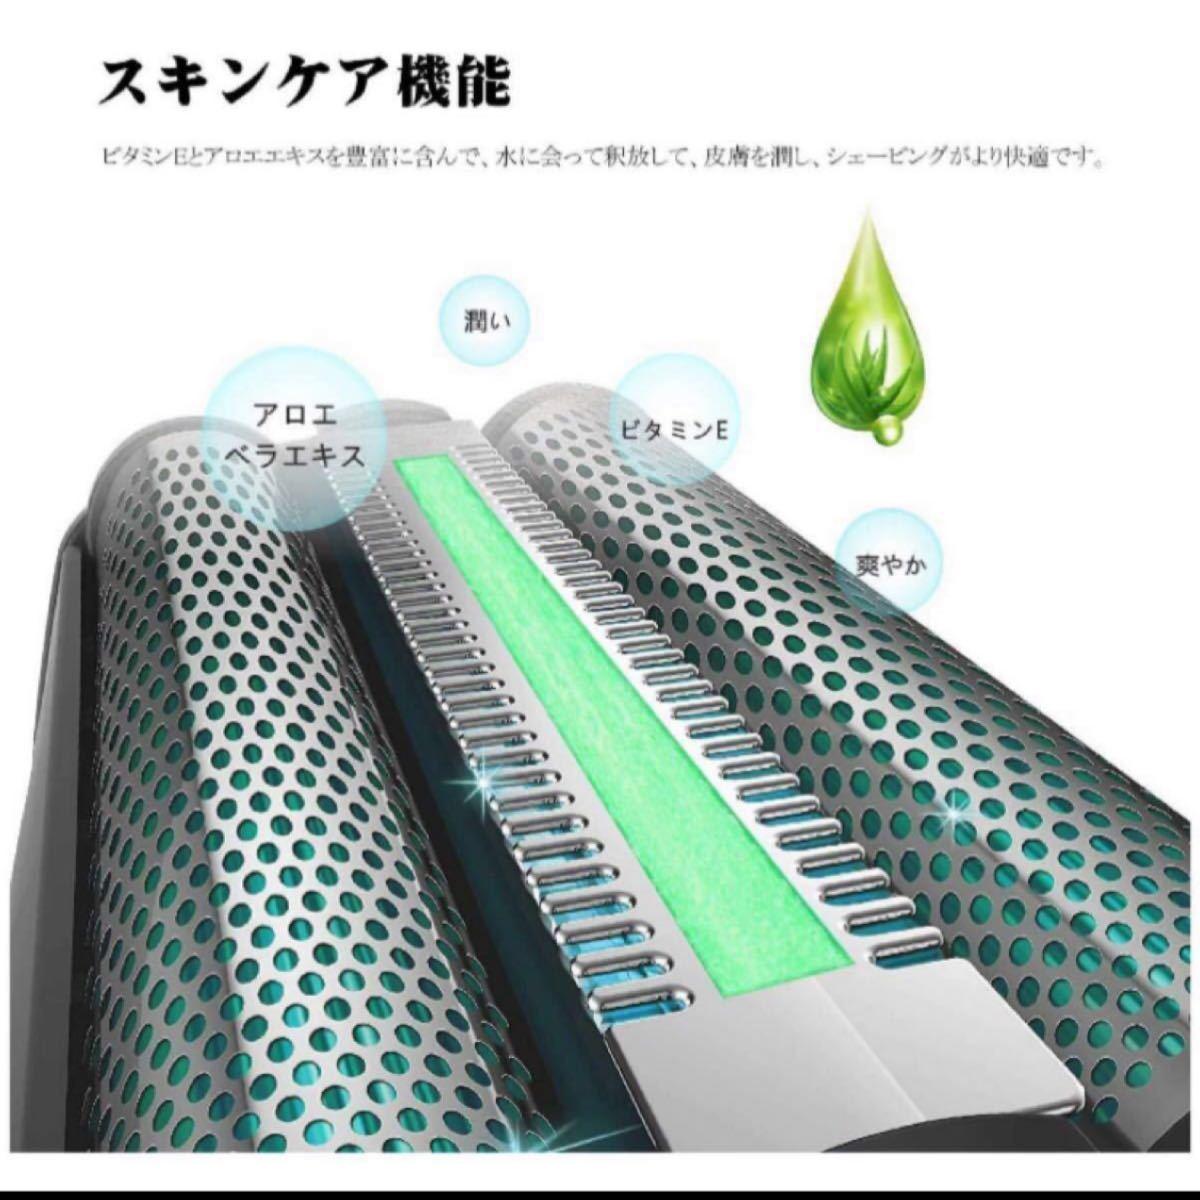 アポセン 電気シェーバー メンズシェーバー 多機能ひげそり 往復式 カミソリ LEDディスプレー USB充電式 水洗い可